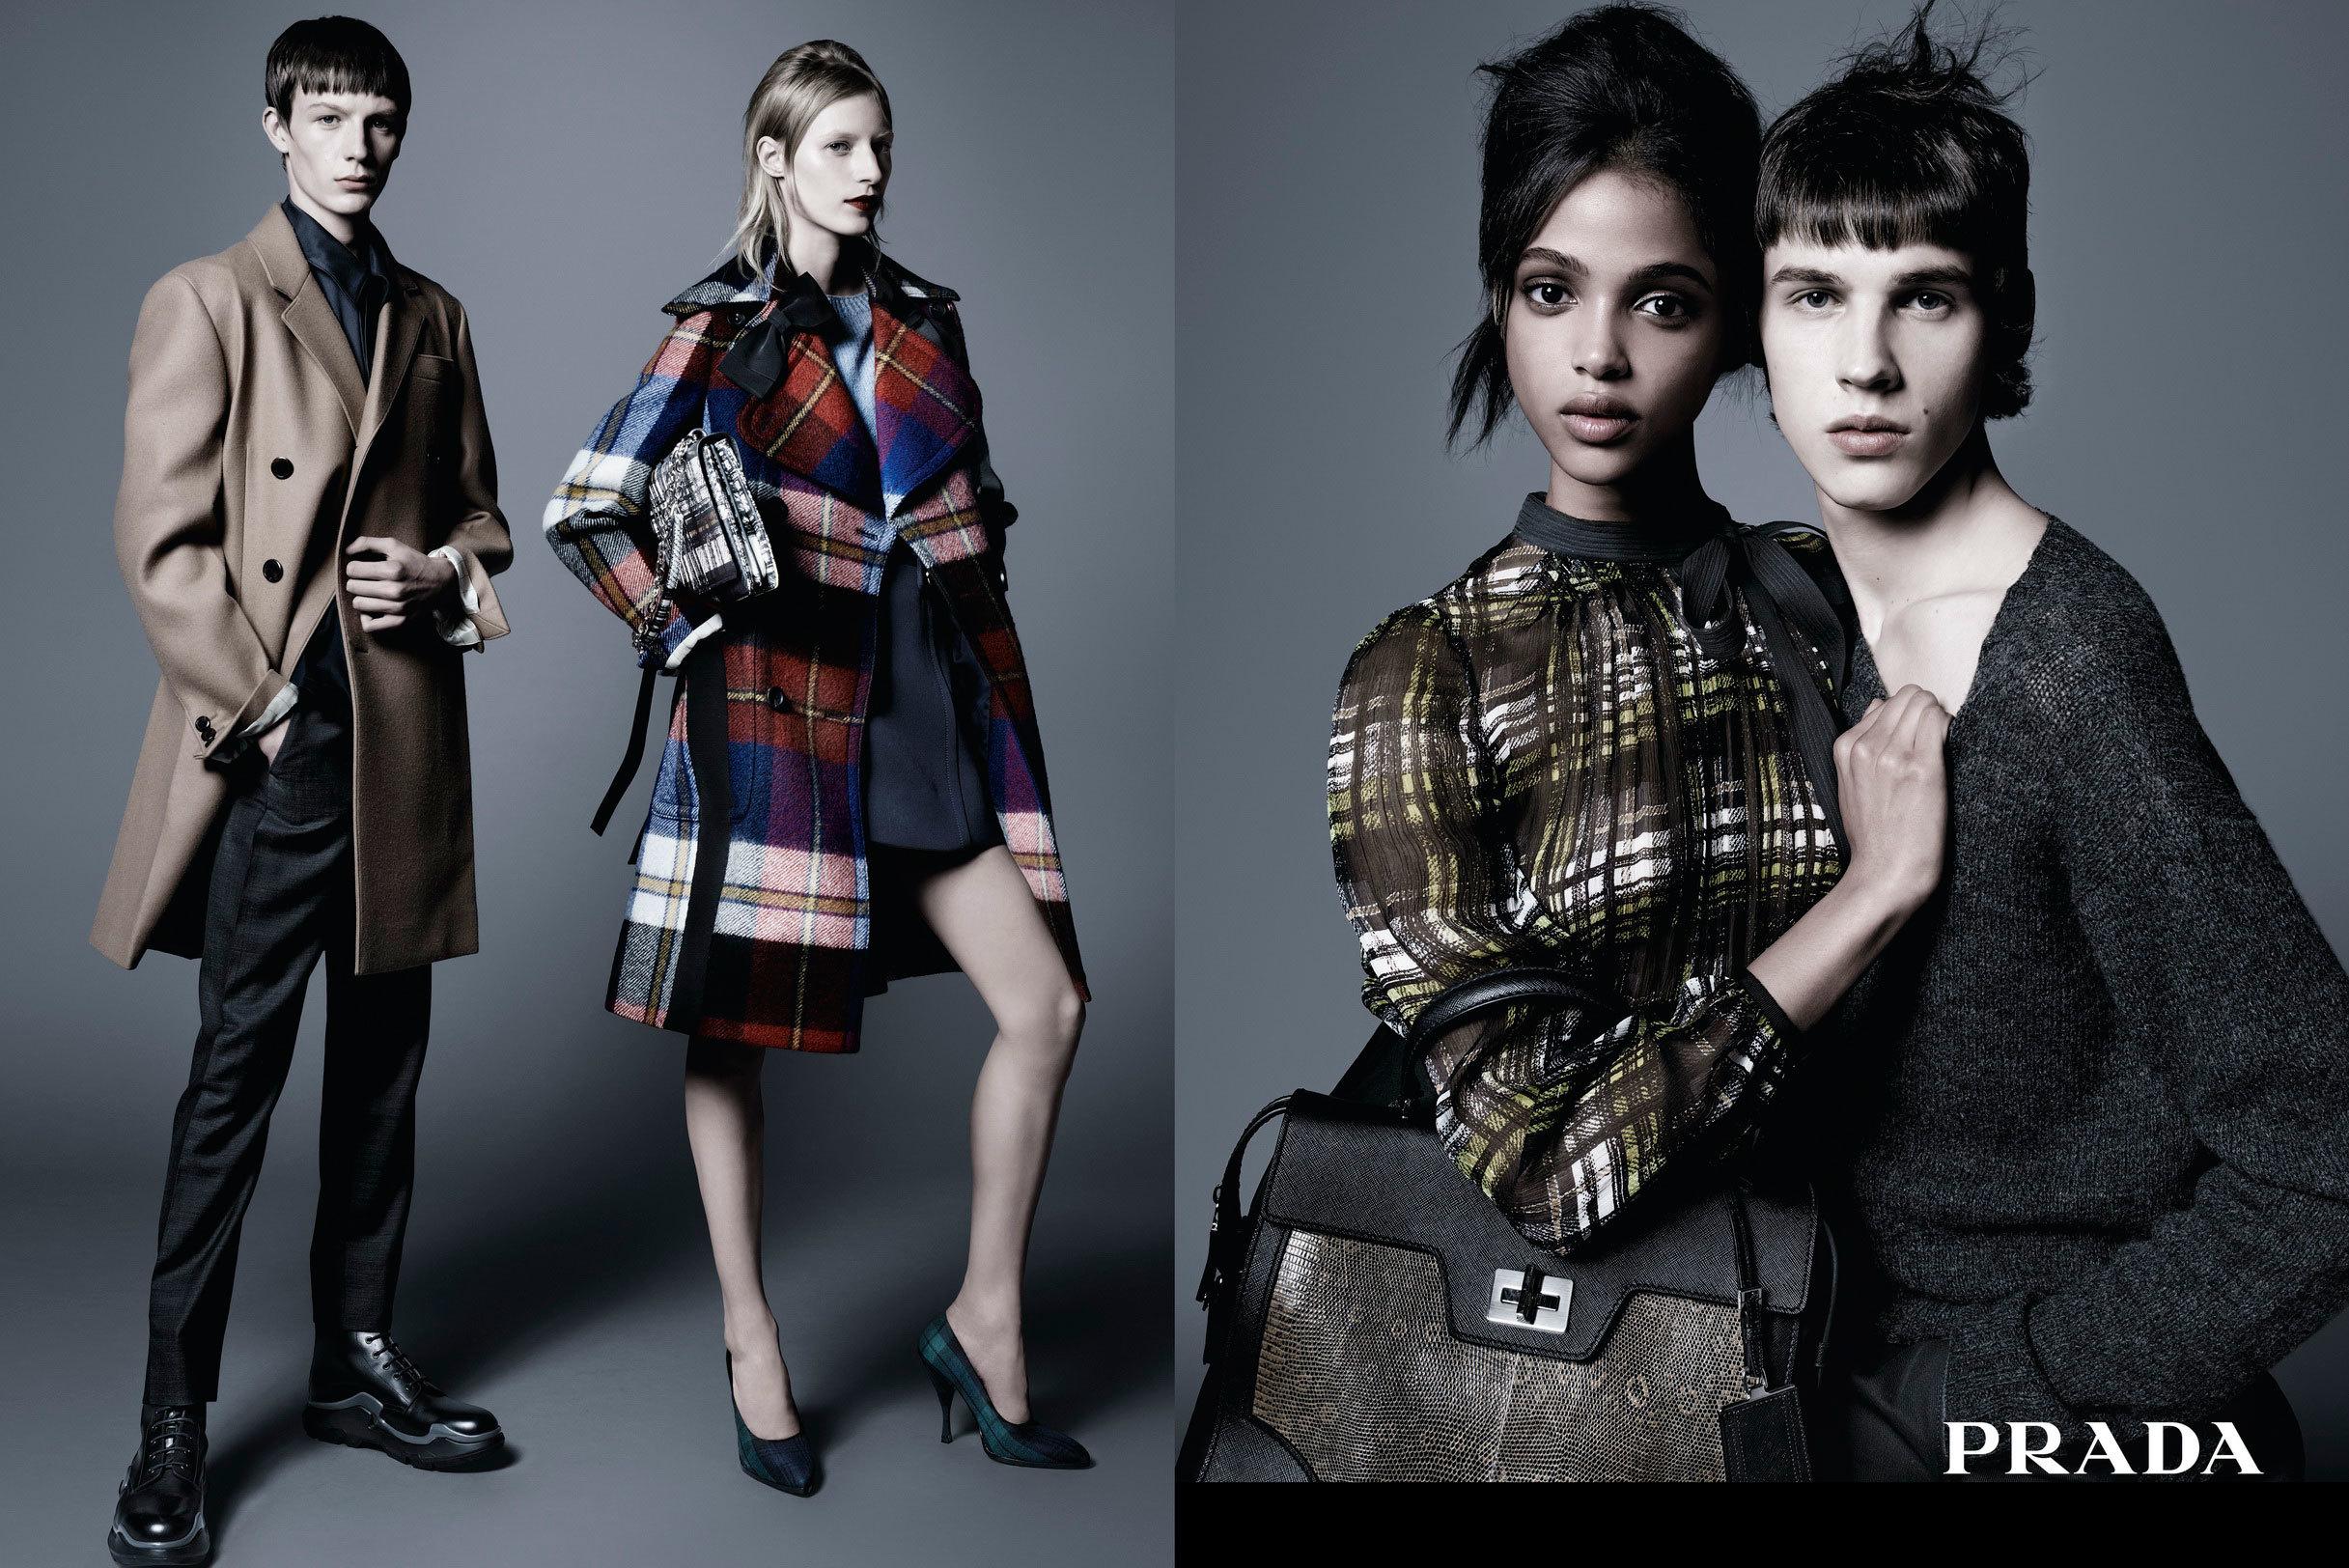 a2bb092110 El nylon negro, un favorito de Prada, protagoniza la colección, junto con  gabardinas de lana y minifaldas, jerséis tejidos y abrigos de cuero, ...